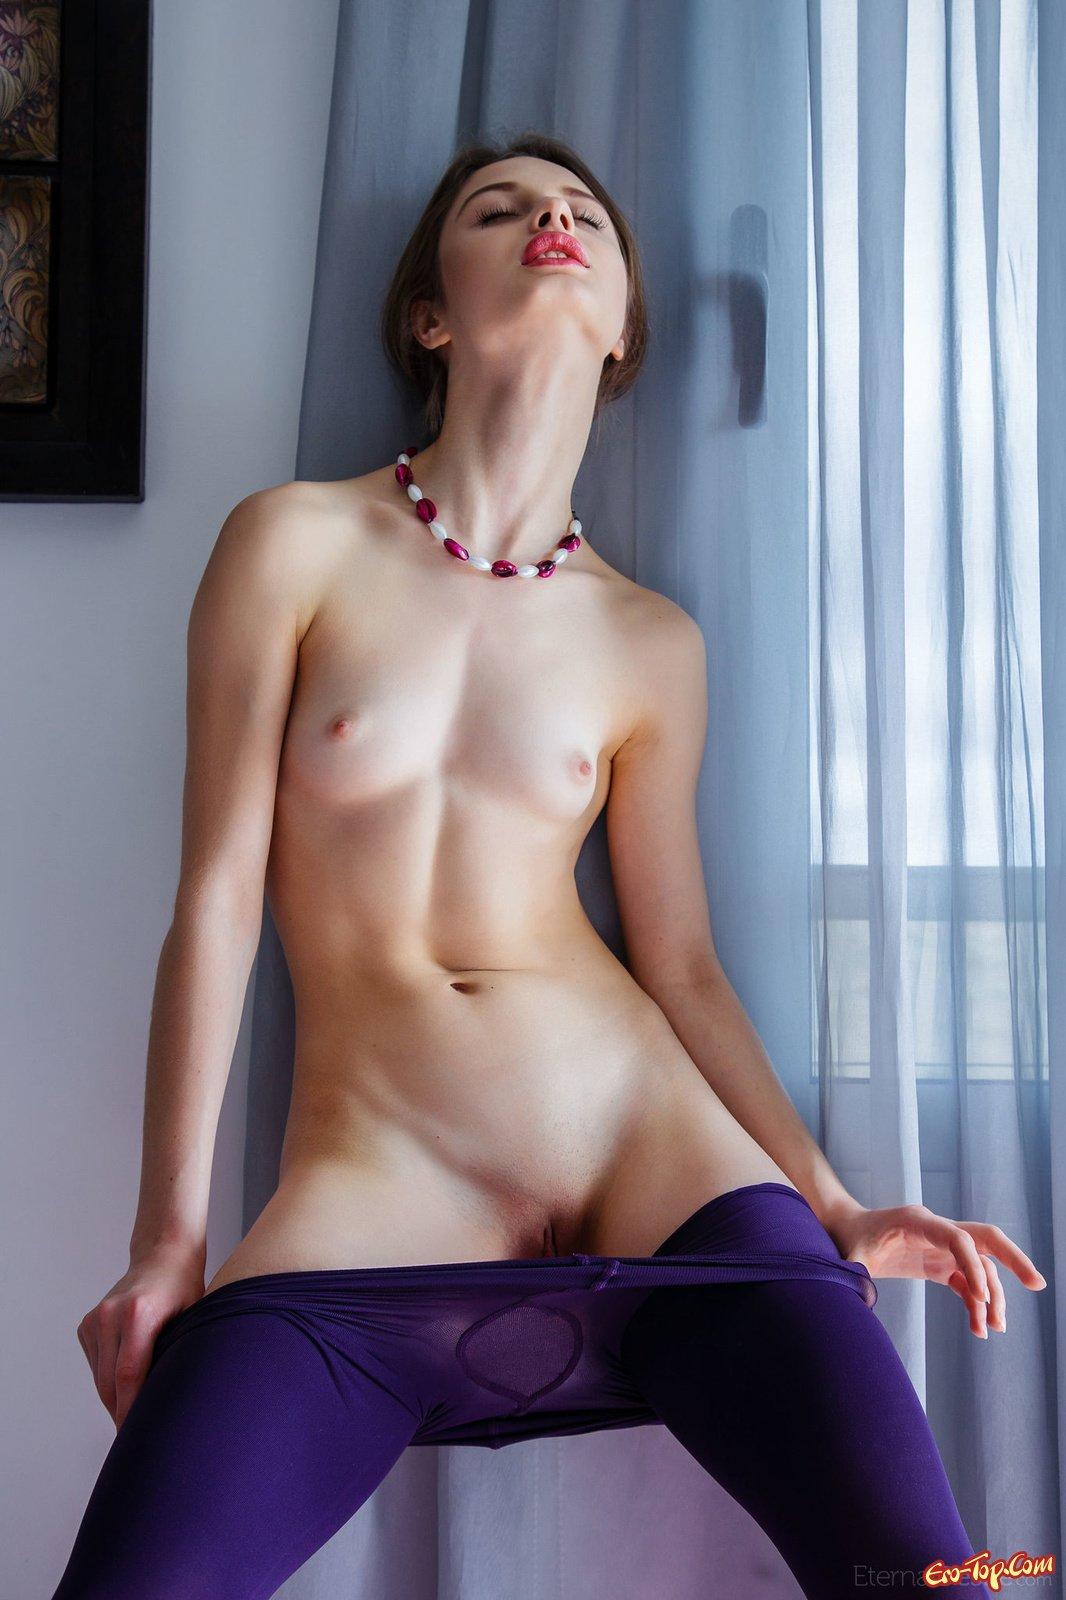 Чика снимает колготки секс фото